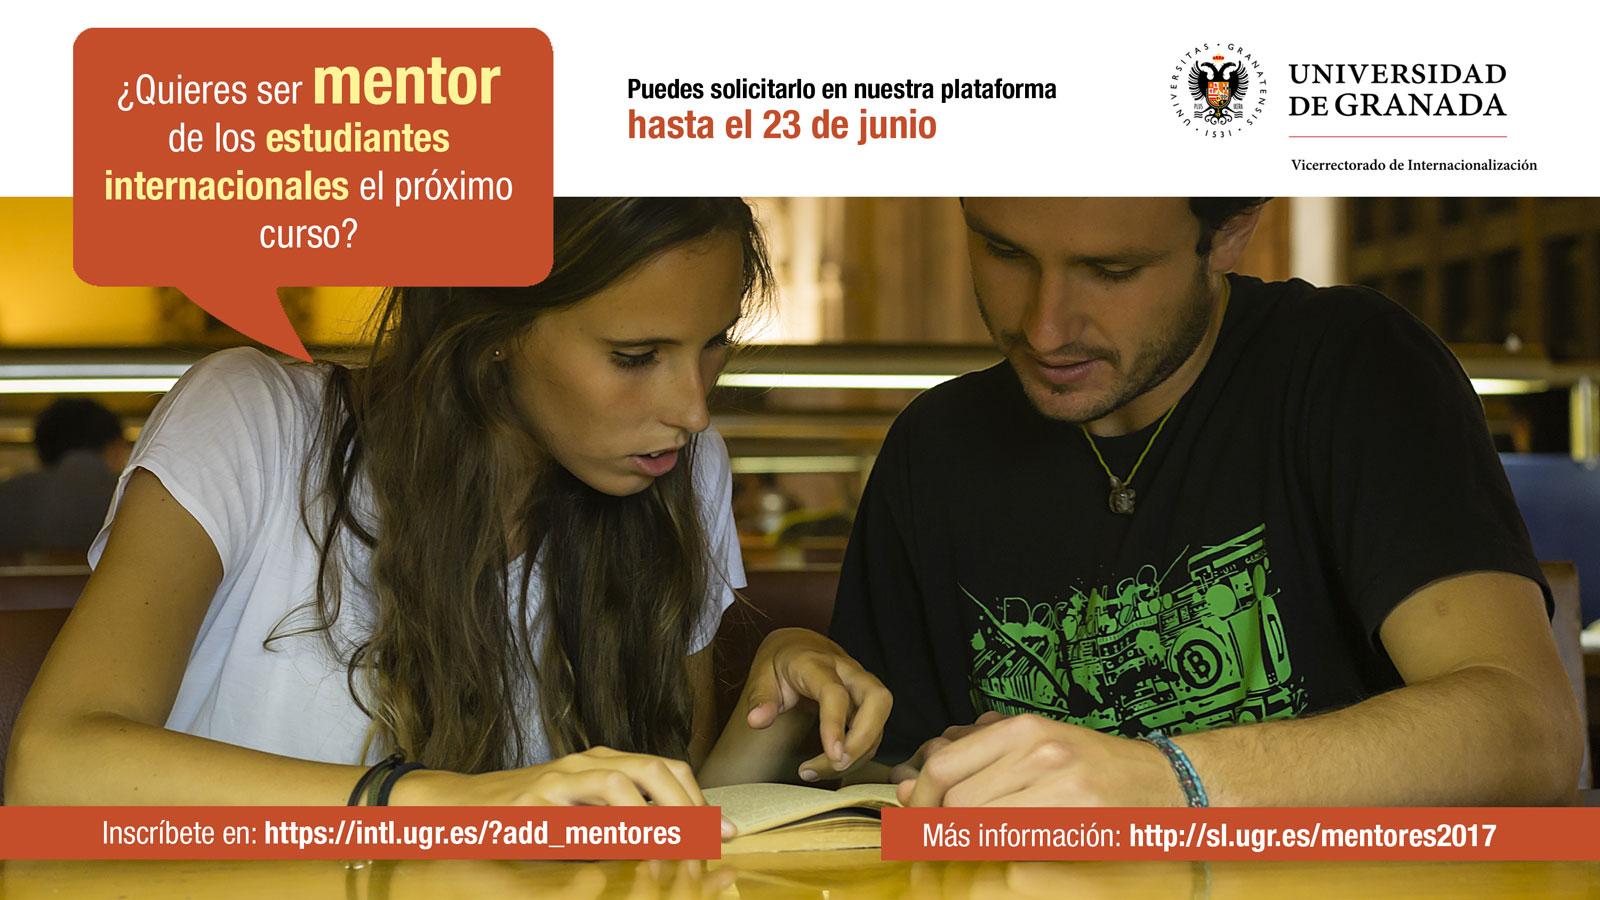 Programa mentor de la ugr quieres ser mentor de los - Comedores universitarios ugr ...